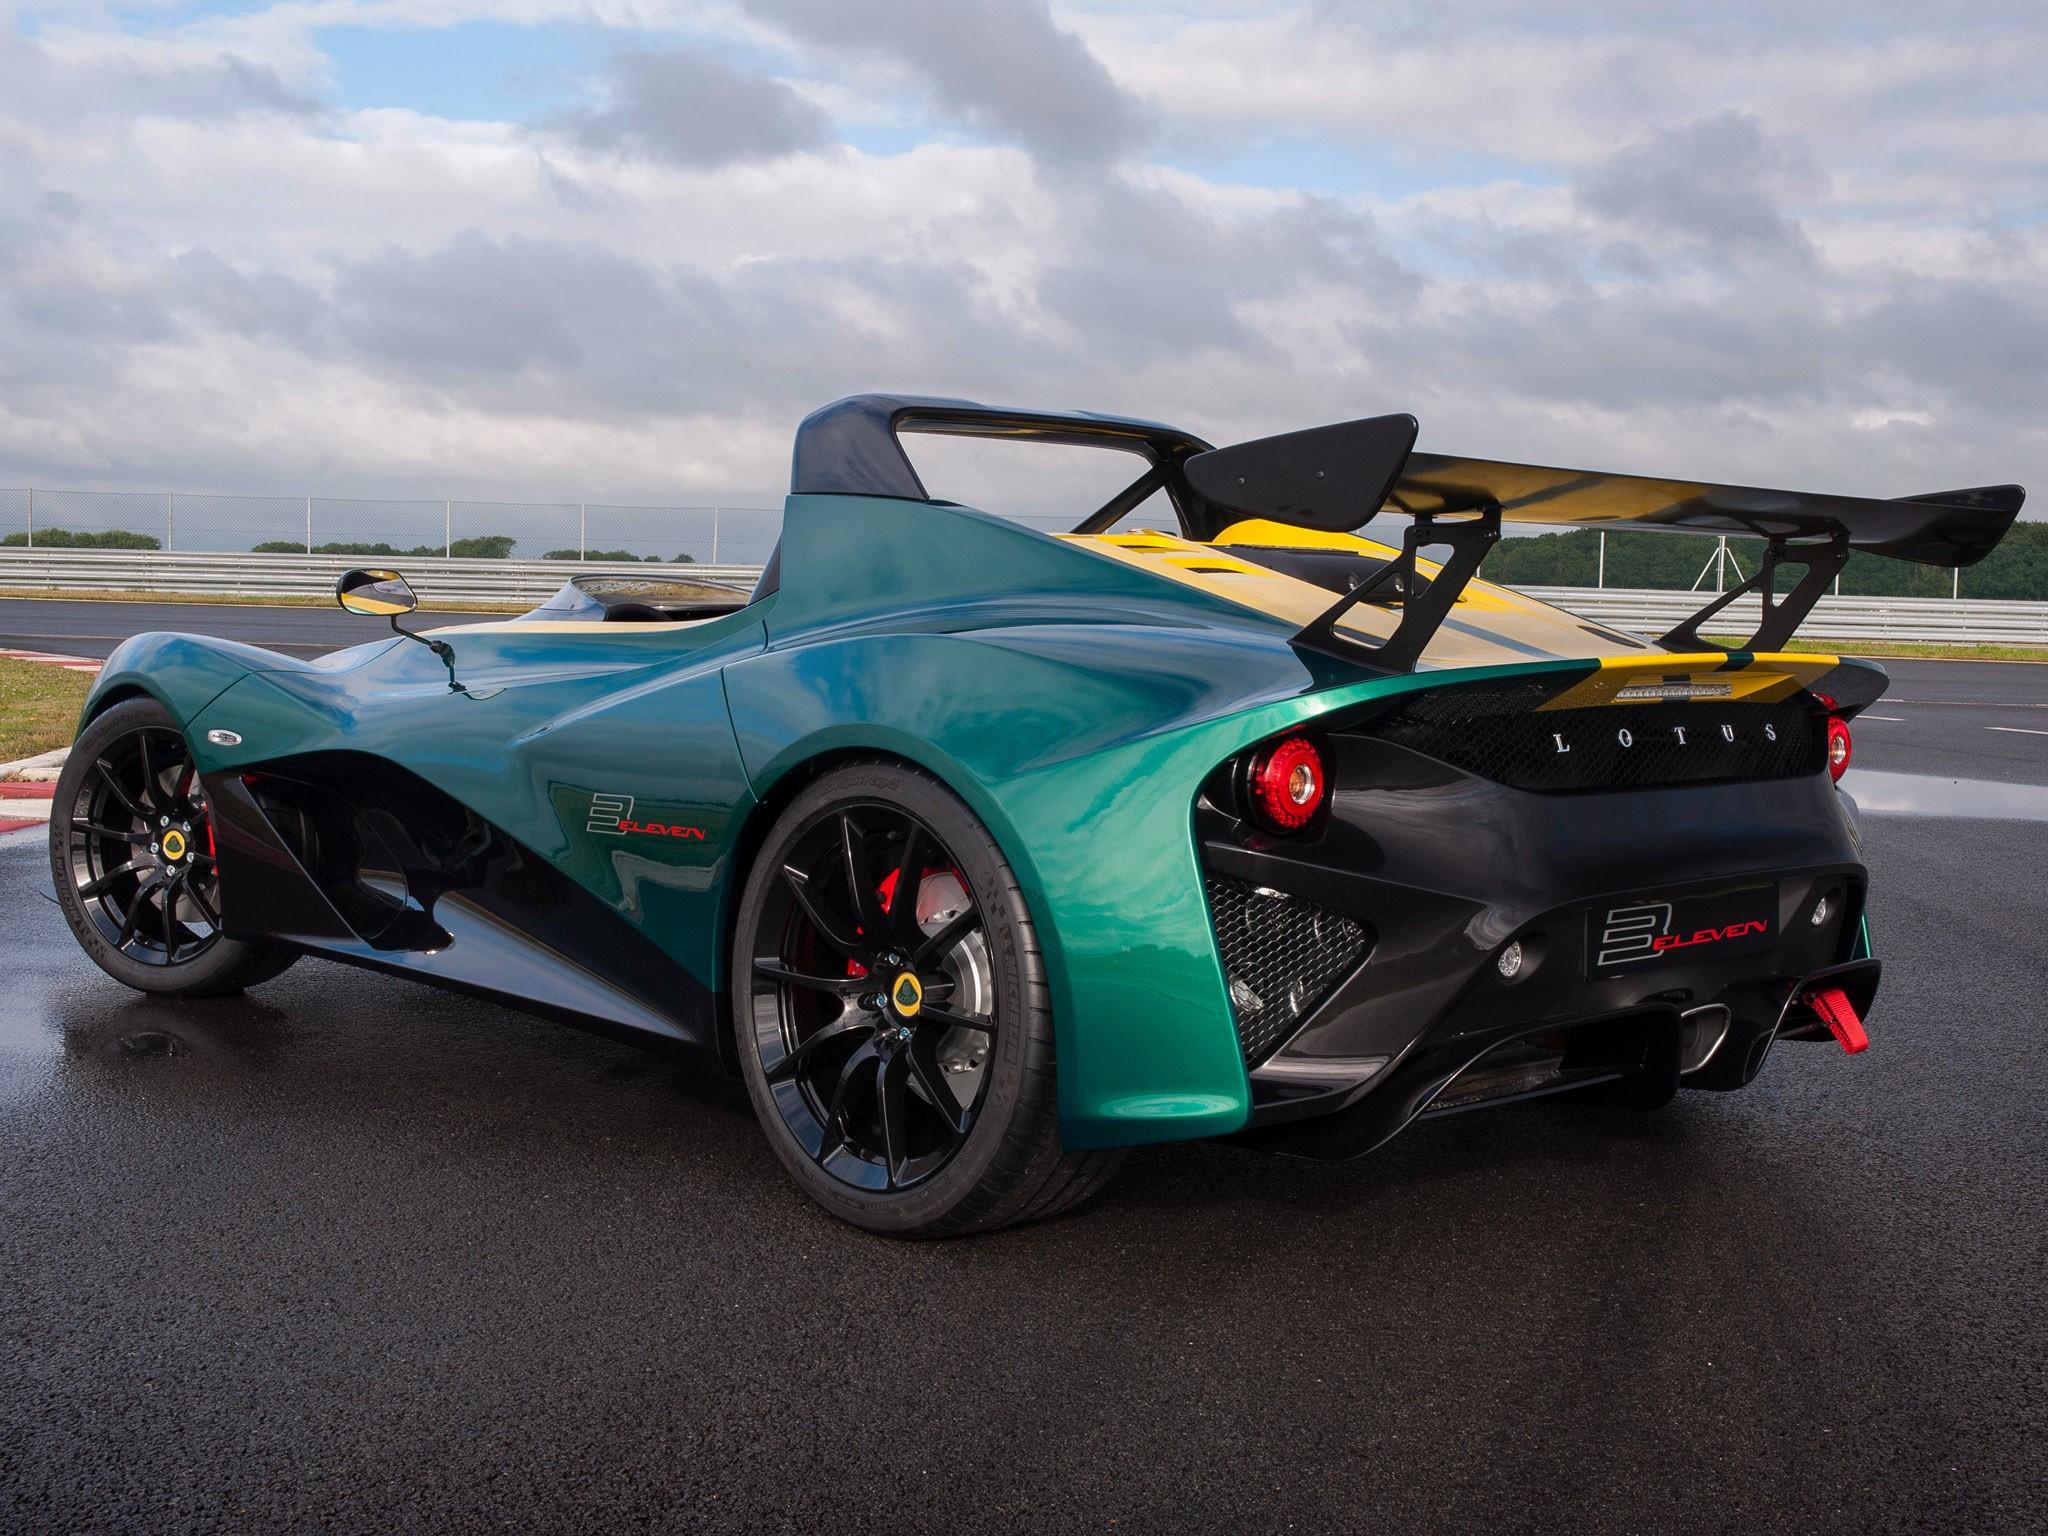 2015 Lotus 3 Eleven